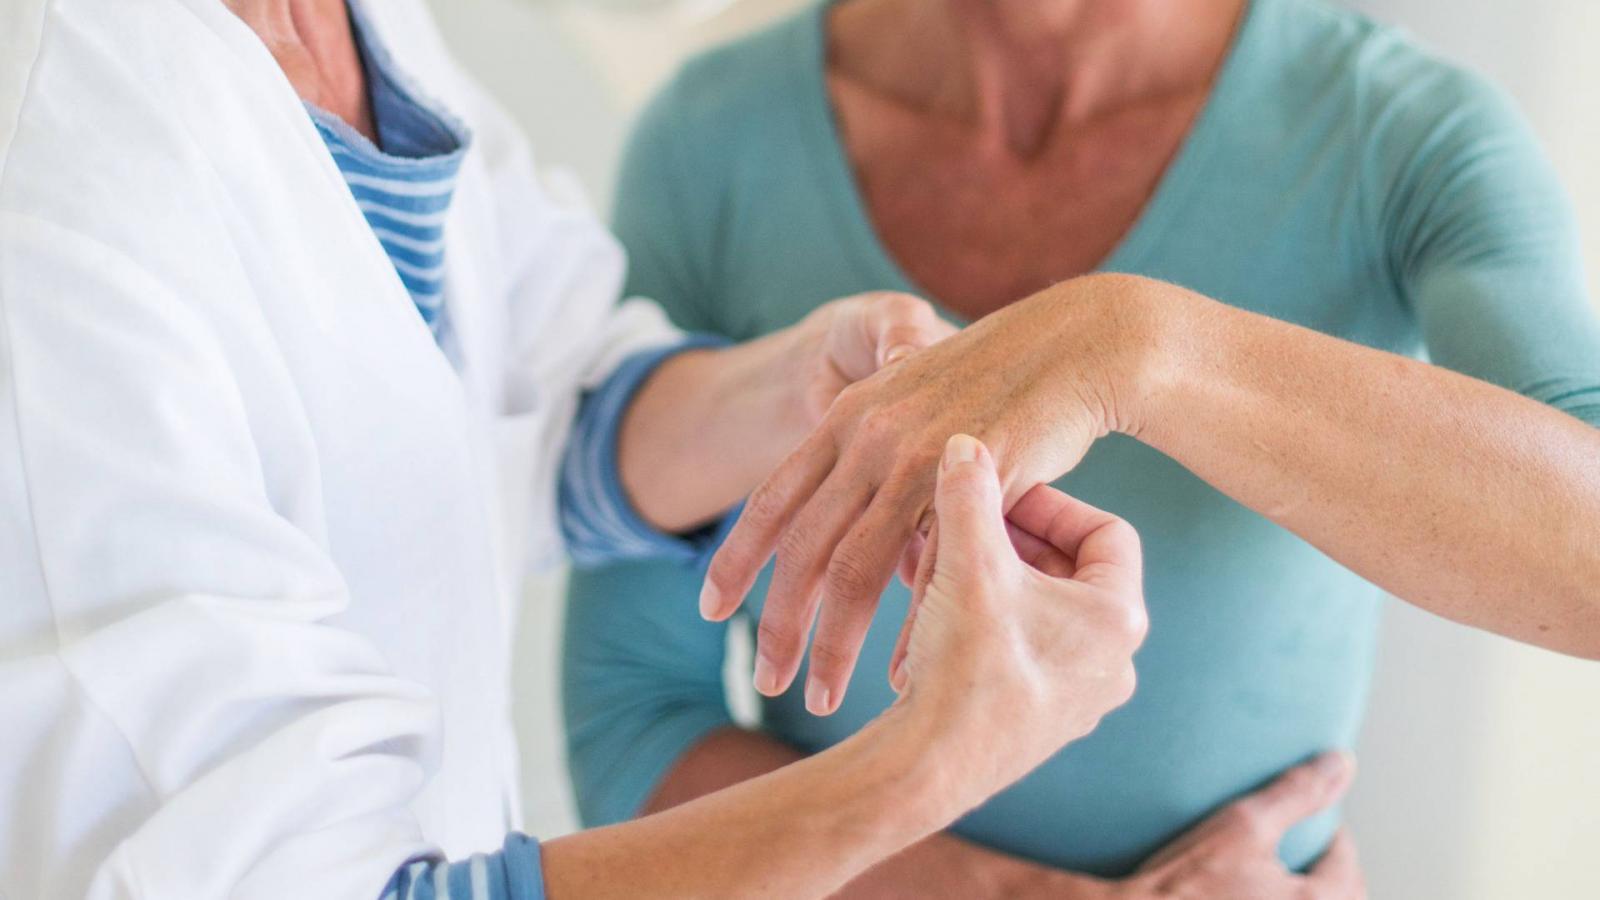 térdízületi kezelés norbekov szerint vállfájdalommal járom